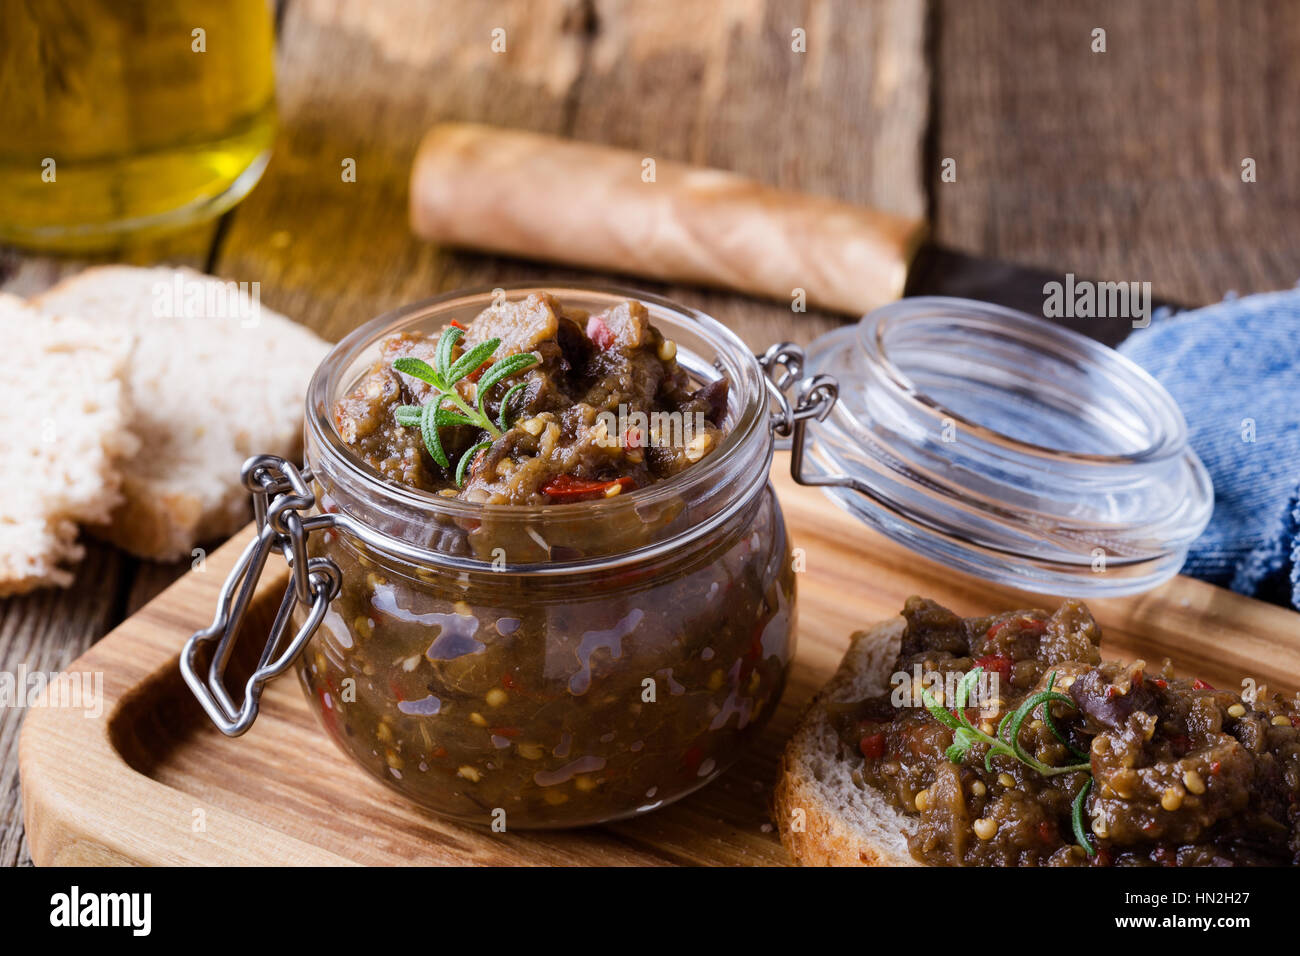 Paté casero de berenjena. Pegar en un tarro de vidrio sobre mesa de madera rústica. Útil y saludable Imagen De Stock